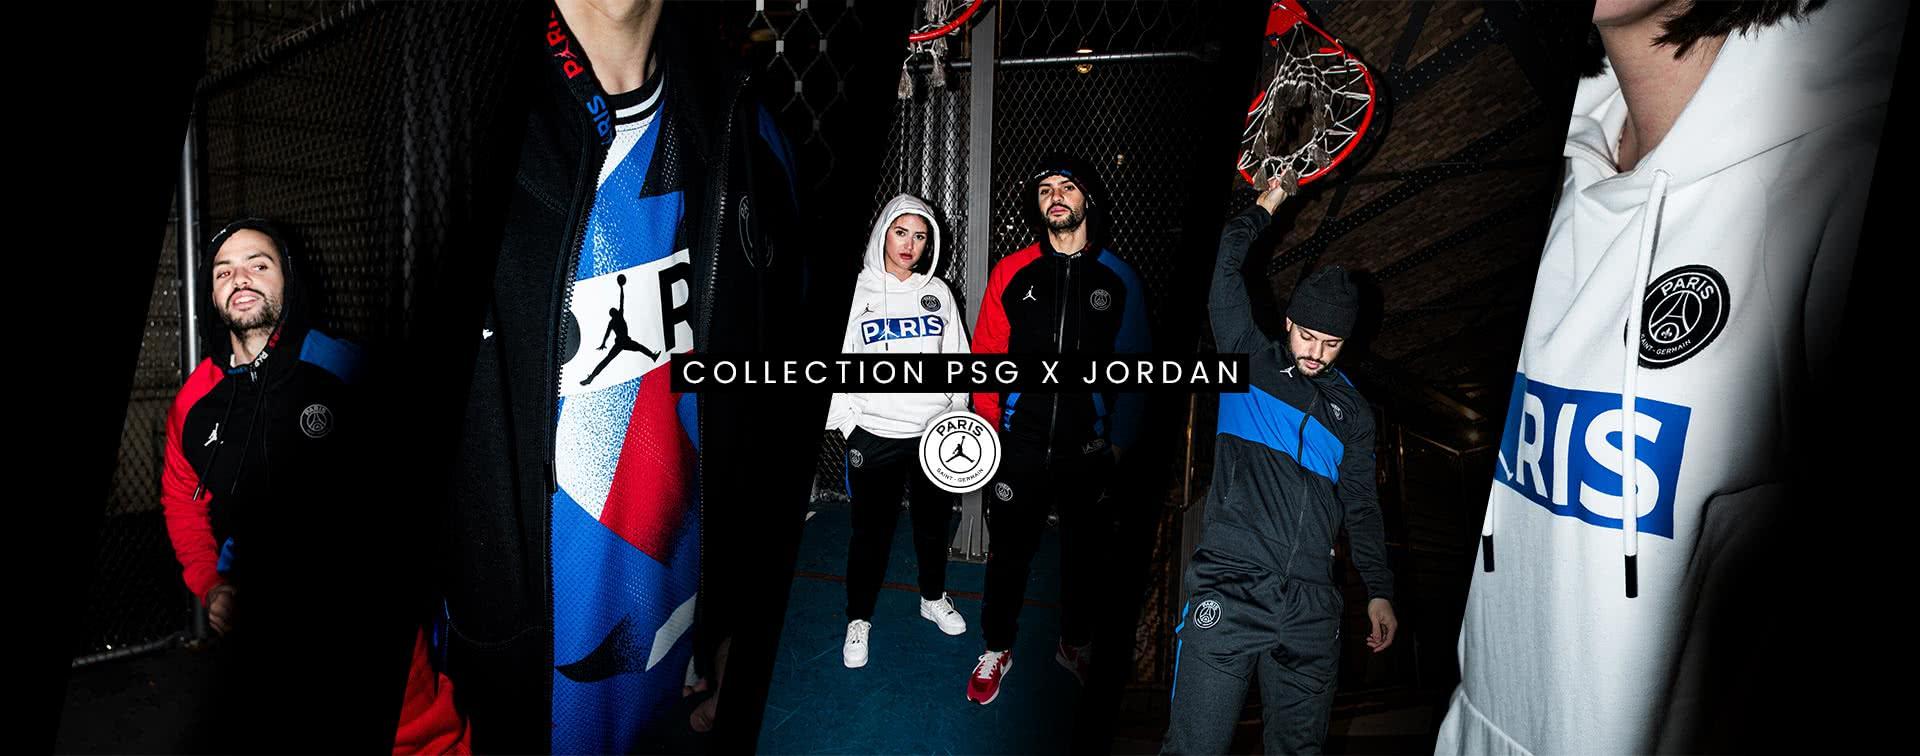 Nouvelle collection PSG x Jordan